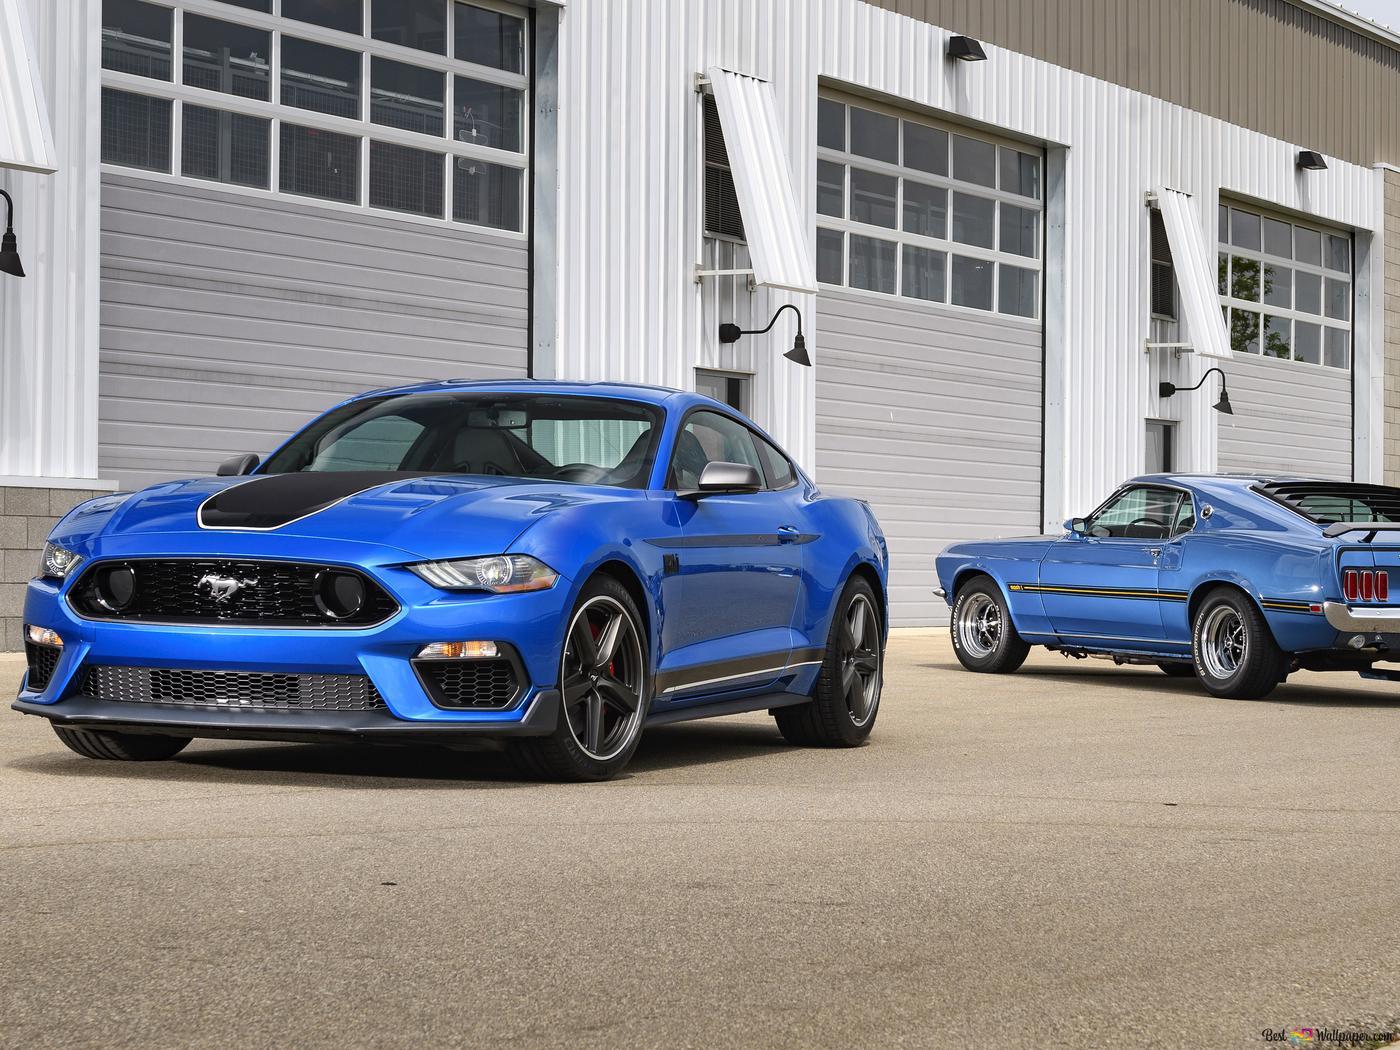 2021 Ford Mustang Mach 1 01 Unduhan Wallpaper Hd